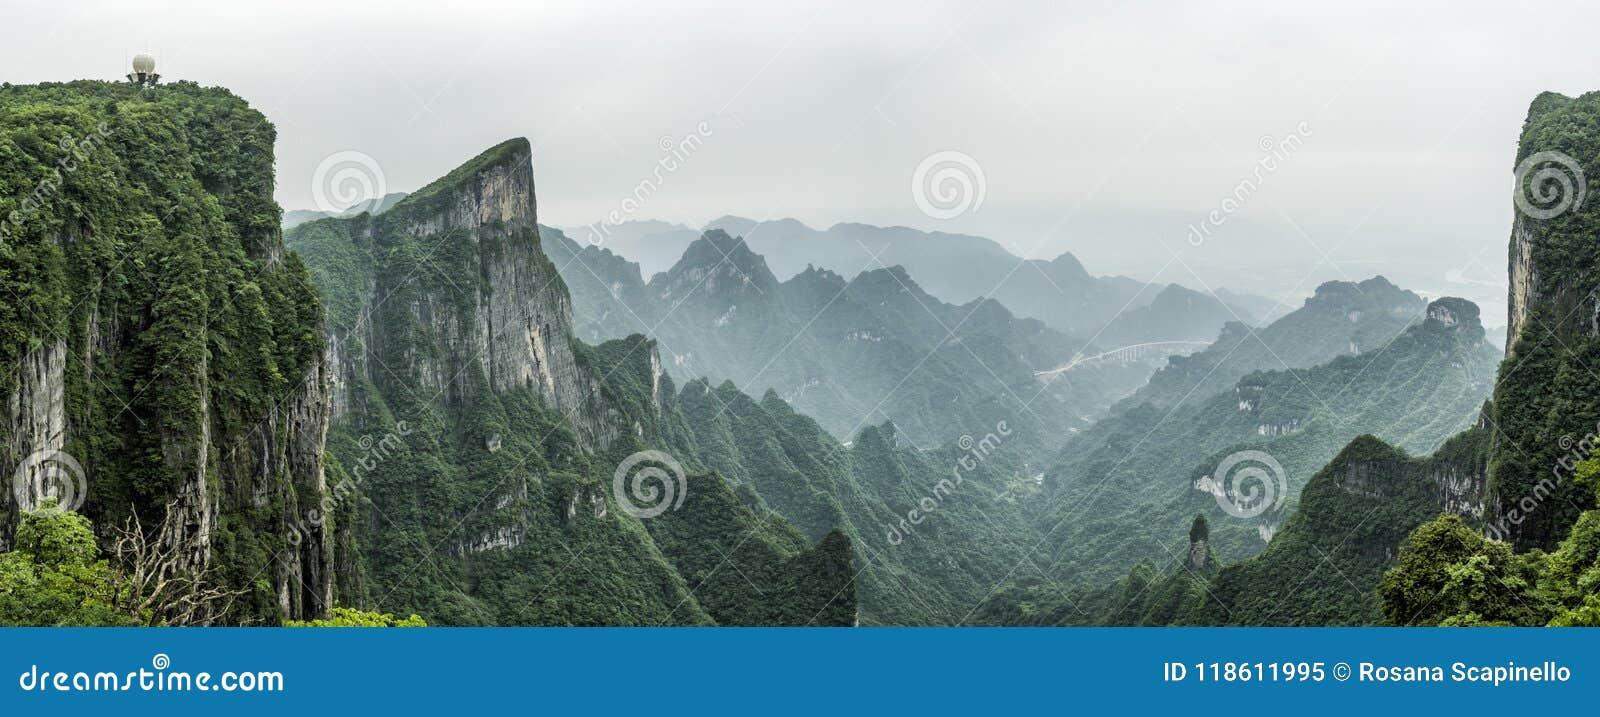 Tianmen berg som är bekant som porten för himmel` som s omges av den gröna skogen och misten på Zhangjiagie, Hunan landskap, Kina